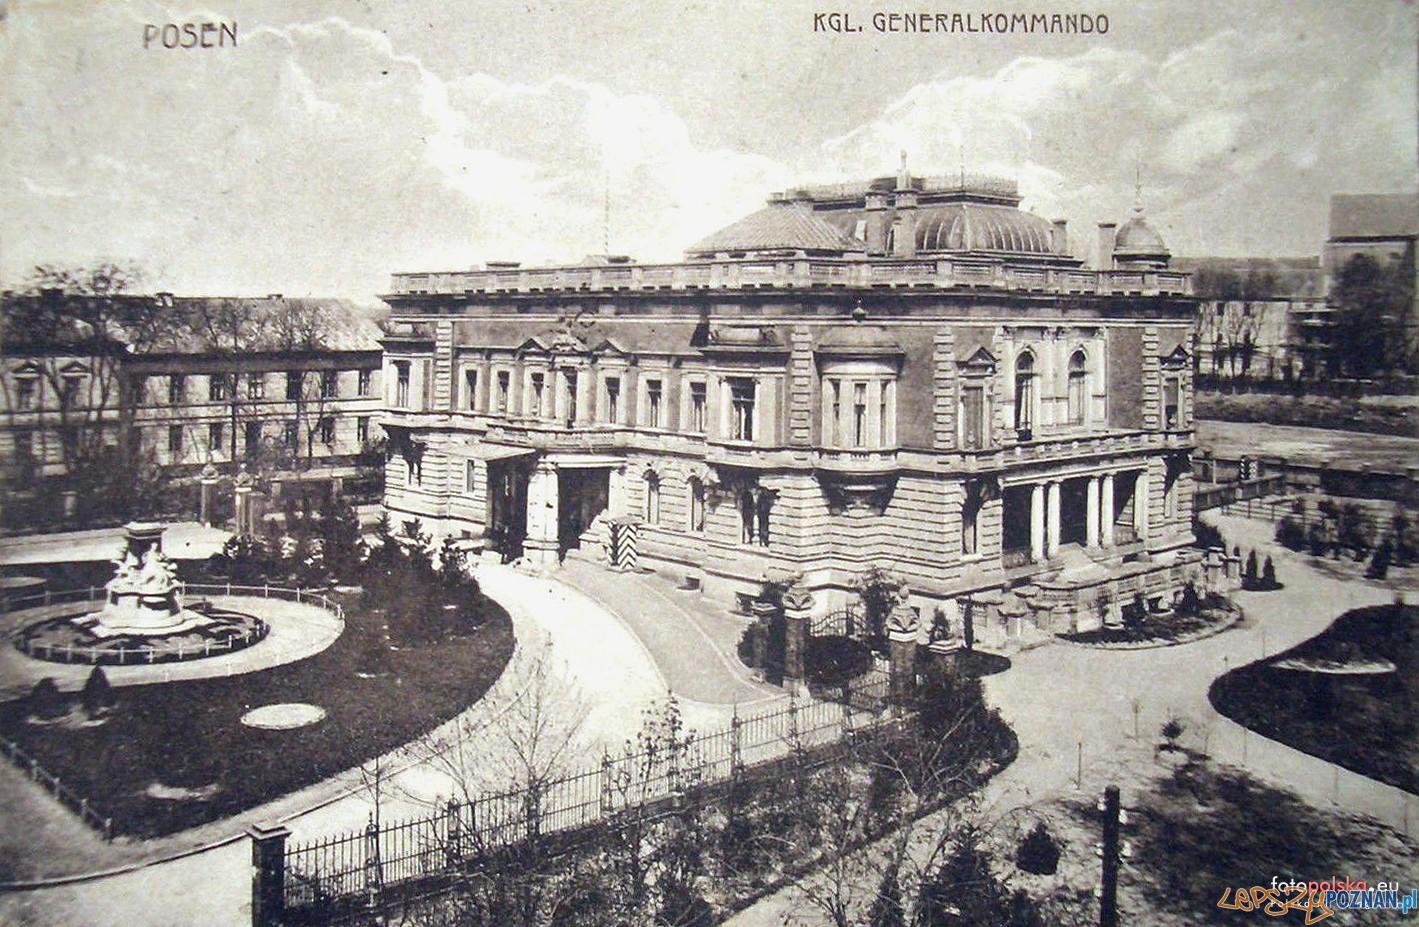 Wojskowa komendantura miasta - Dowództwo Naczelne V Korpusu Armijnego - Poznań - 1912 rok